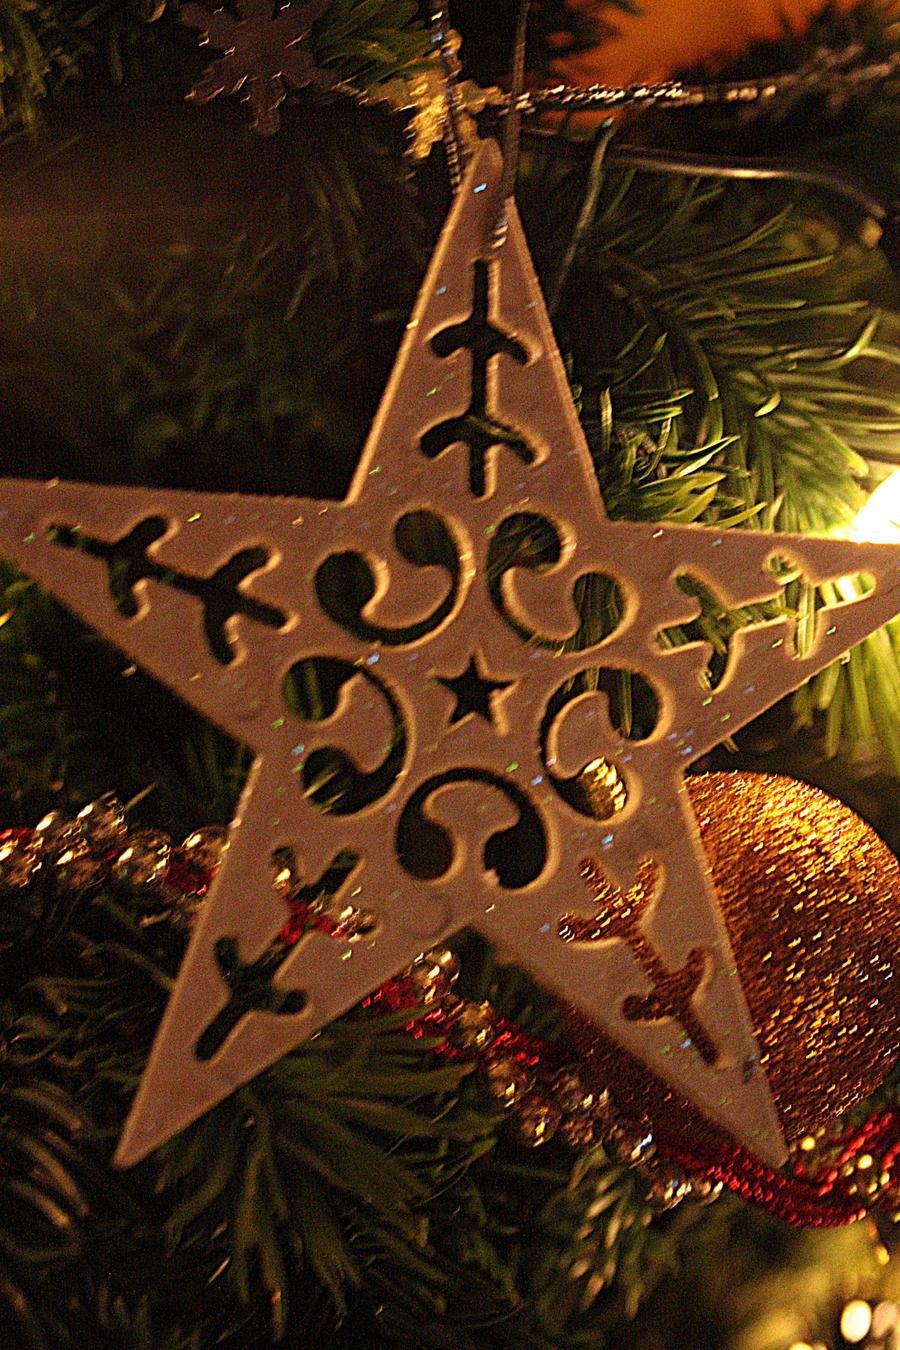 christmasstar 2 by marob0501